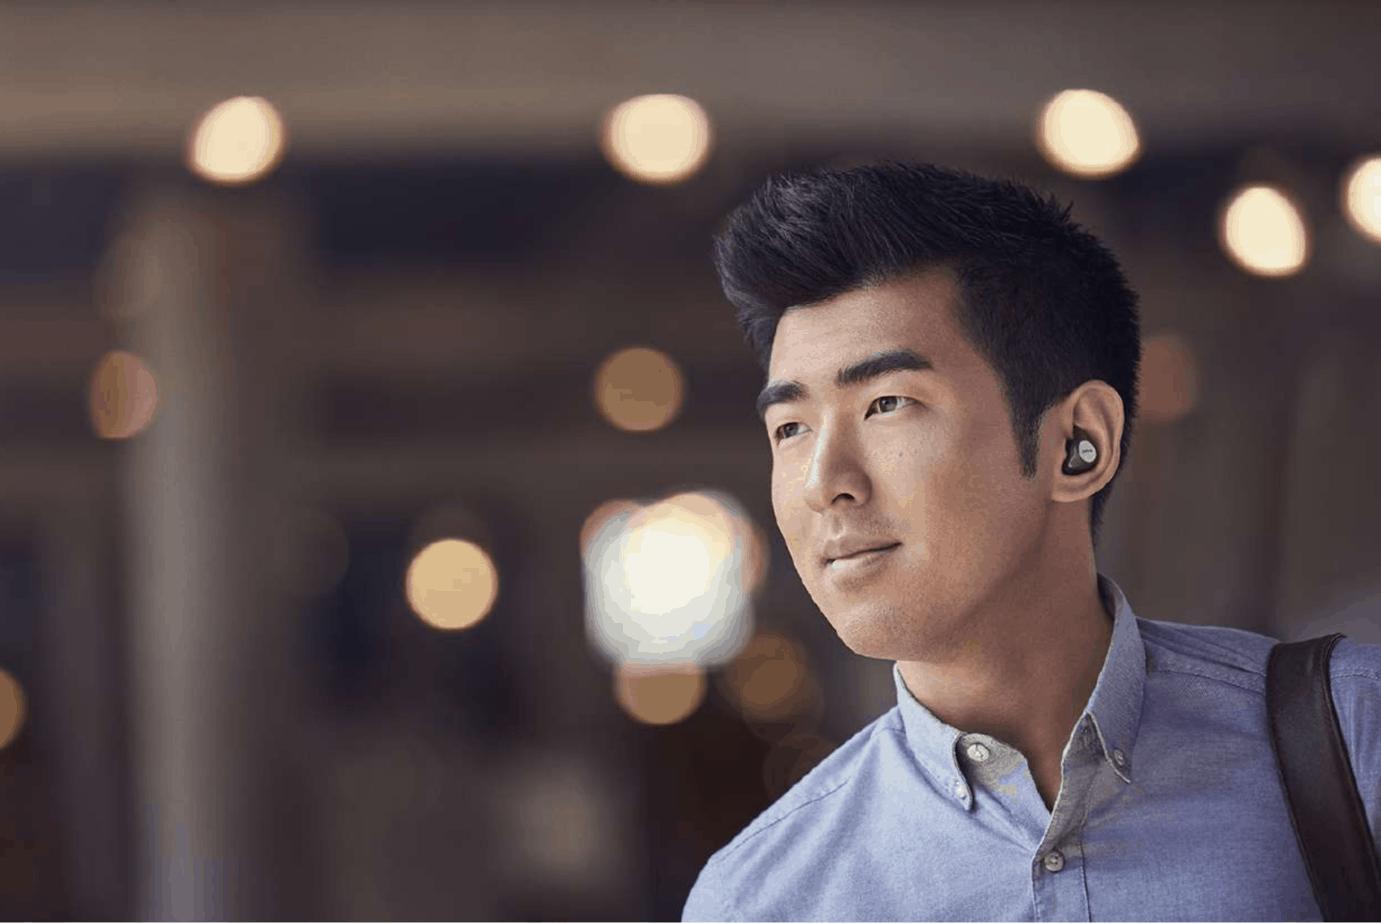 Jabra 85t earbuds